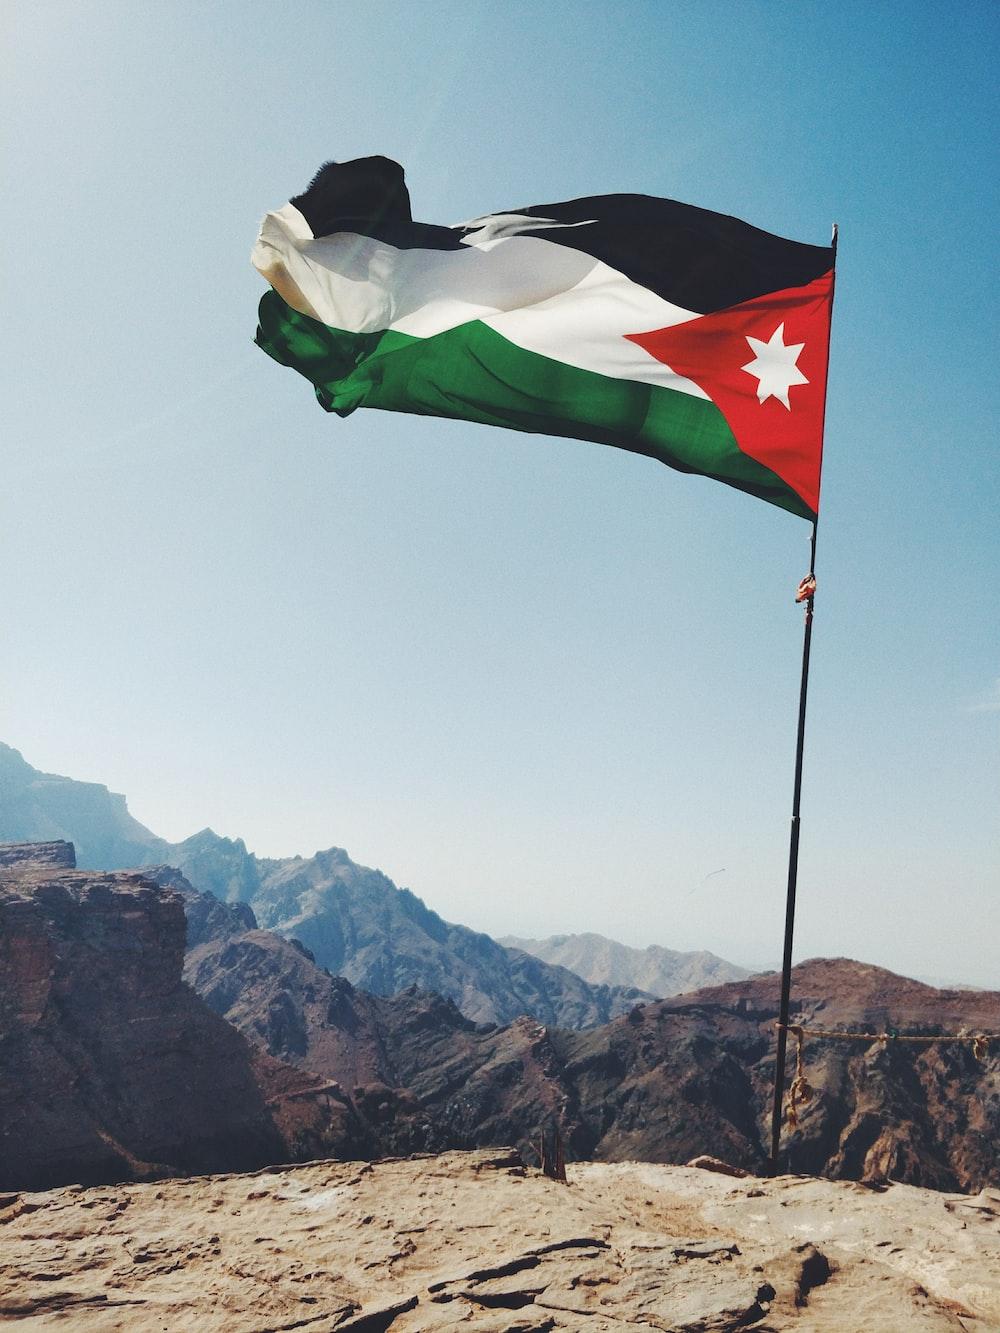 Jordan flag on rock formation